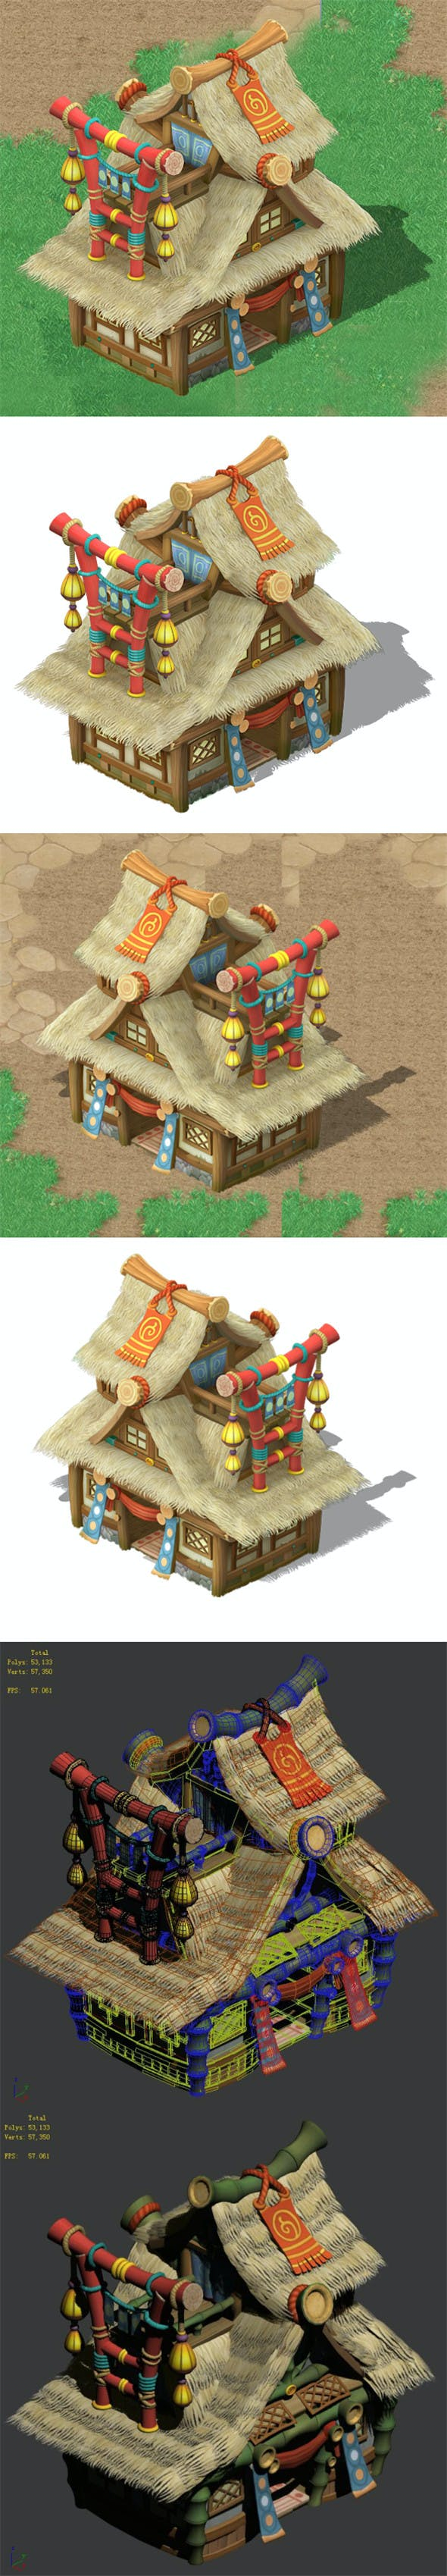 Cartoon World - House 0404 - 3DOcean Item for Sale